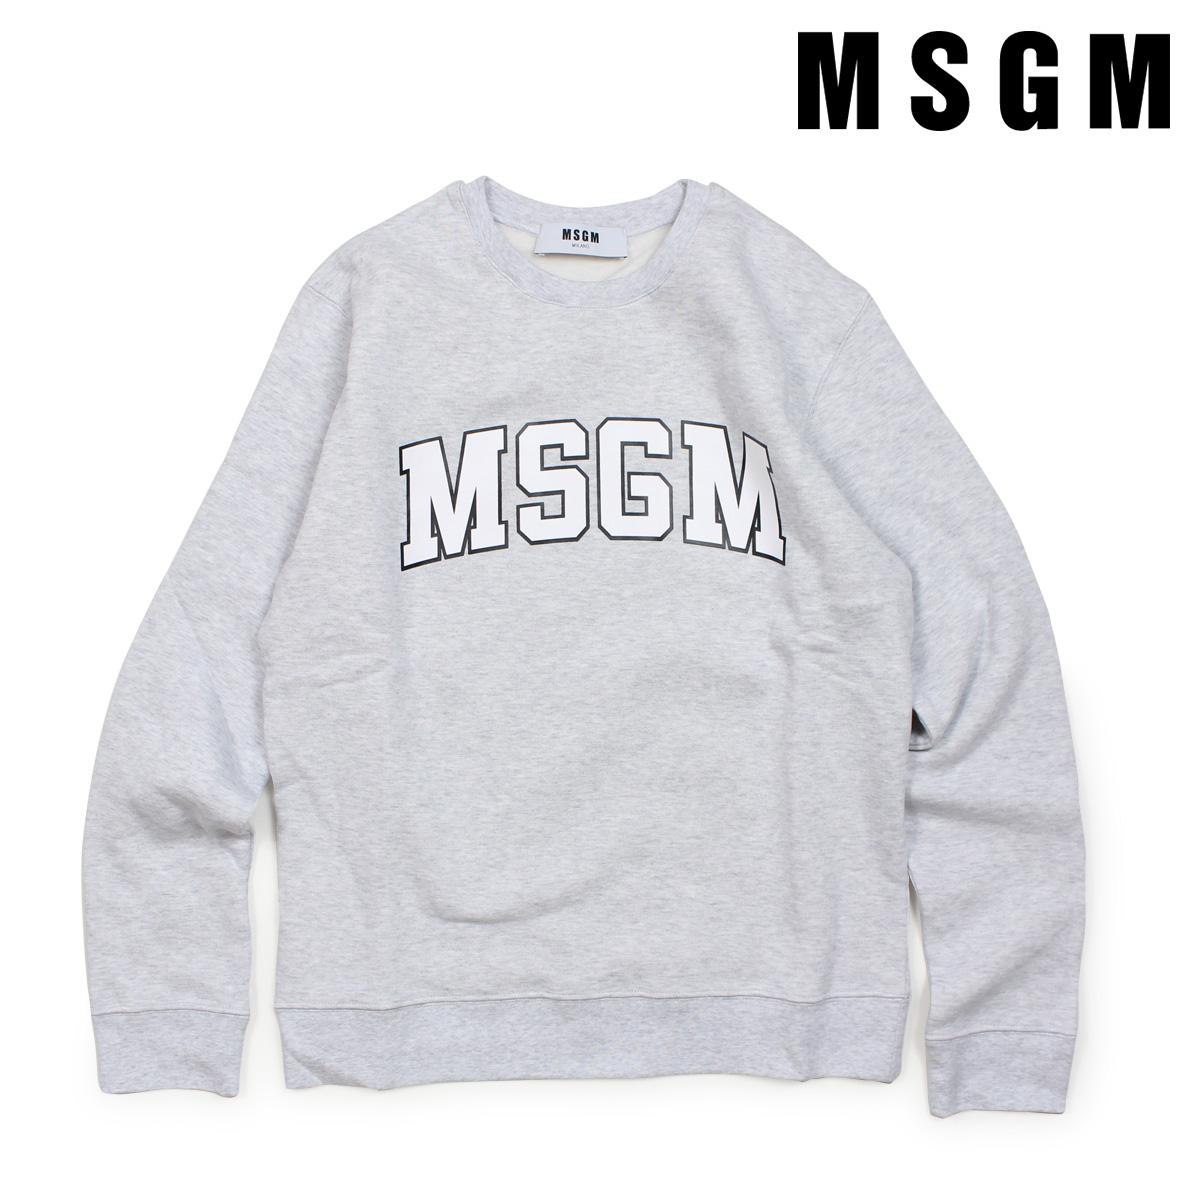 MSGM トレーナー スウェット レディース エムエスジーエム LONG SLEEVED SHIRTS グレー 2541MDM163 184769